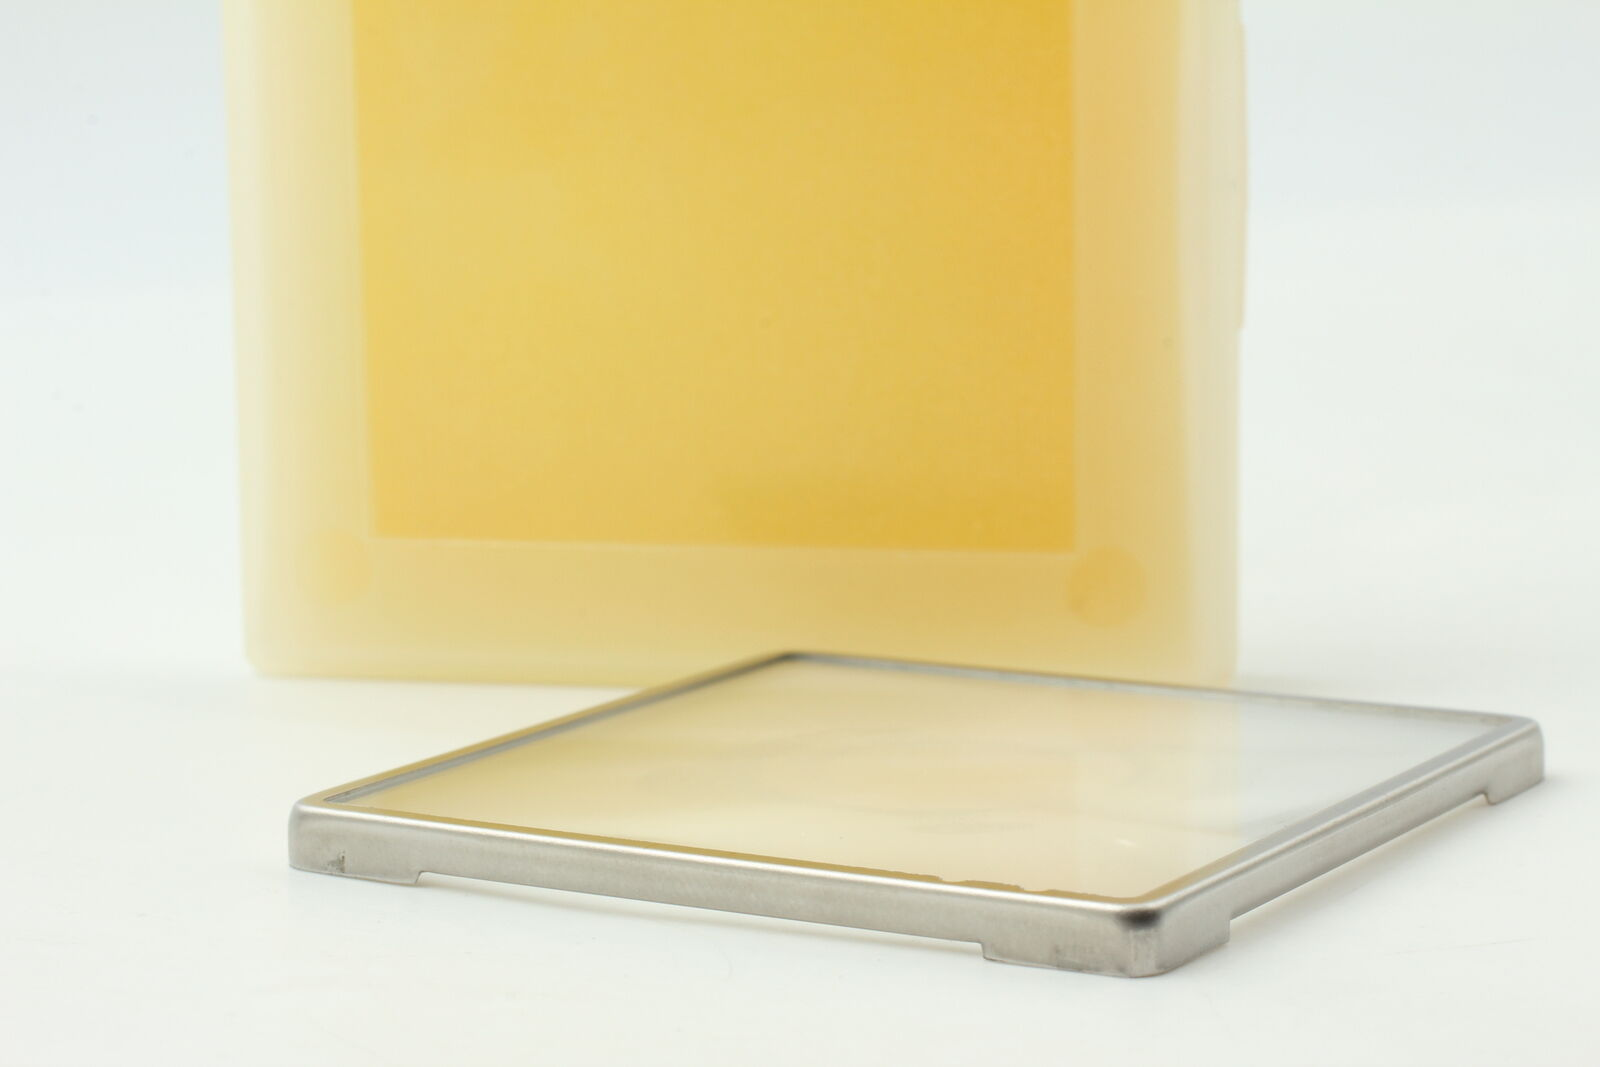 [Near MINT w/Case] Hasselblad Acute Matte D 42204 Focusing Screen for 500 JAPAN